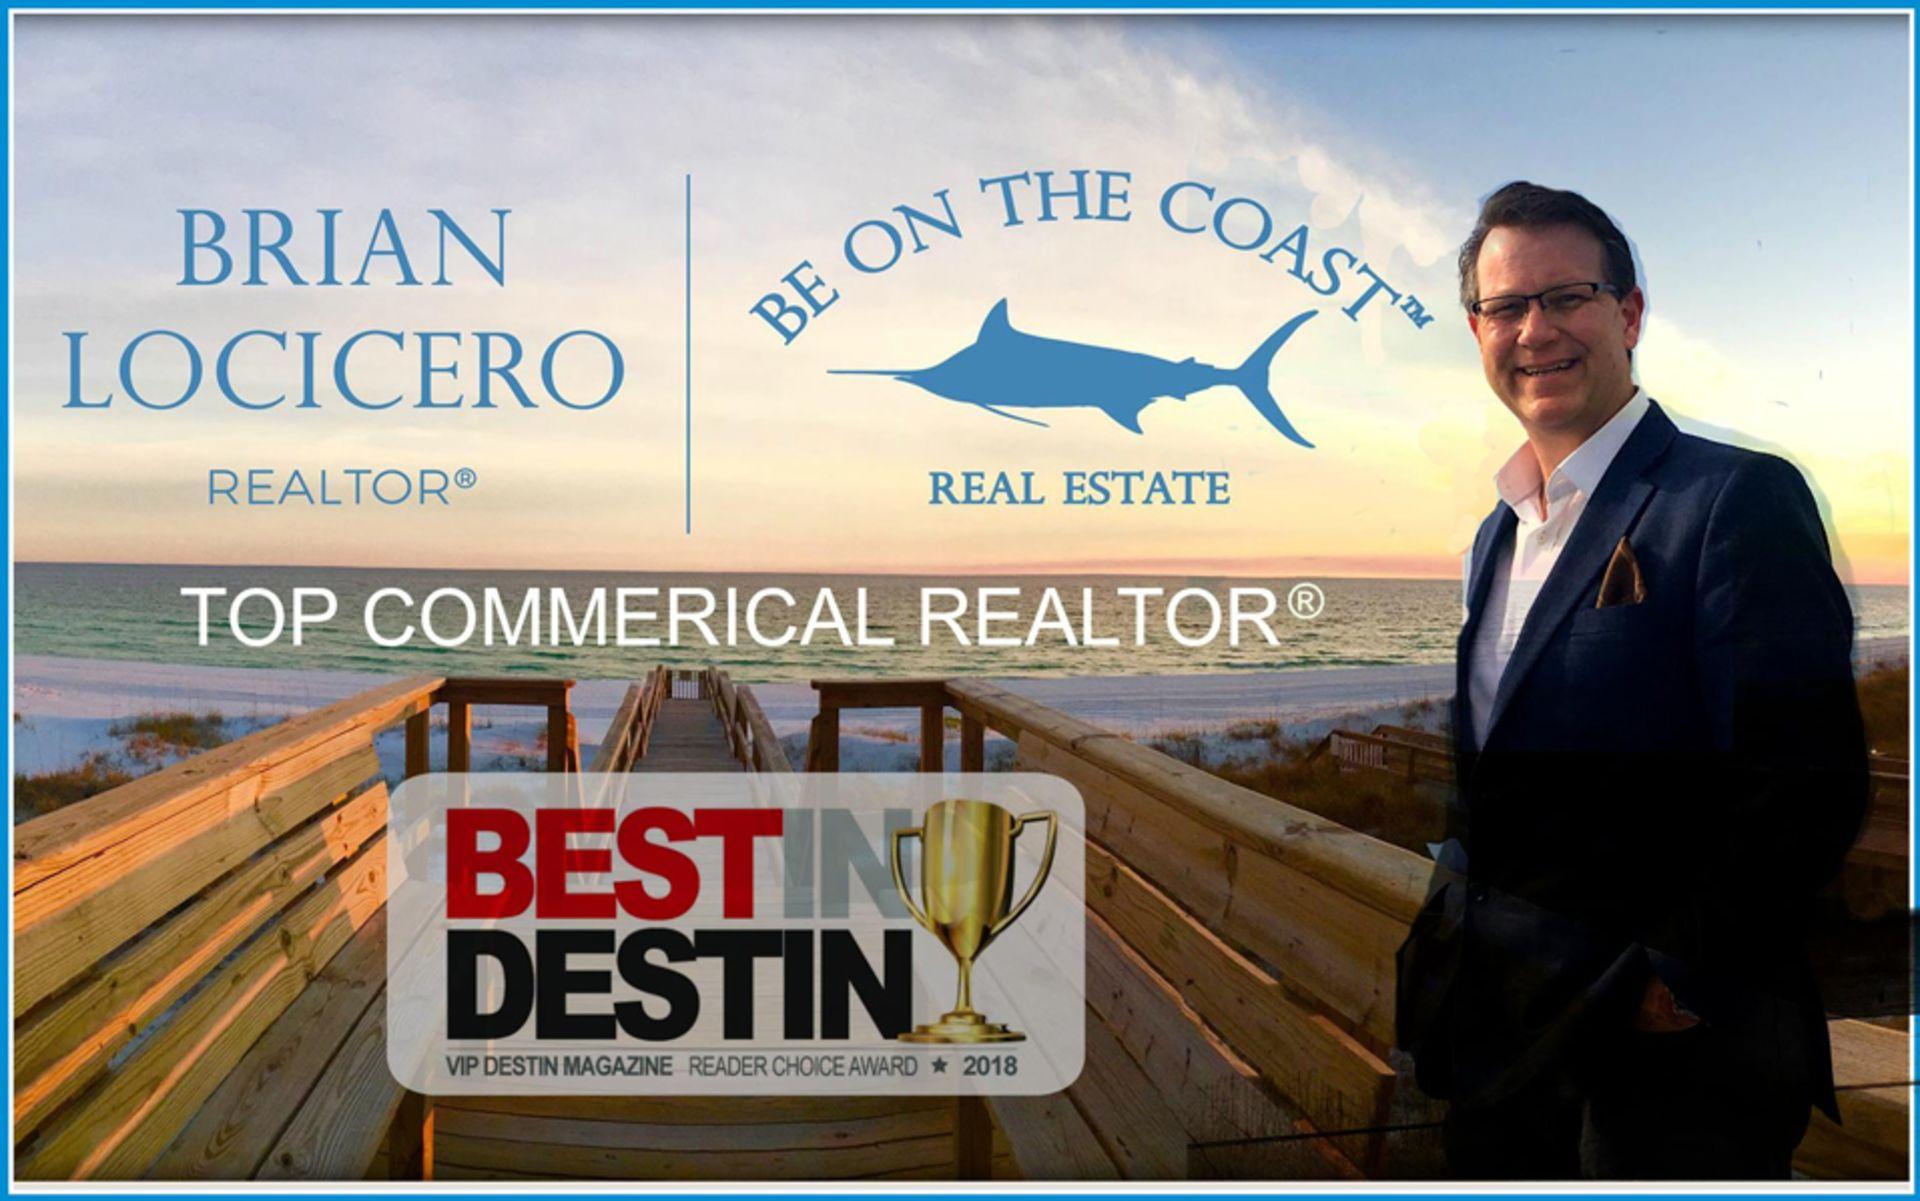 2018 Best in Destin Top Commercial Realtor®